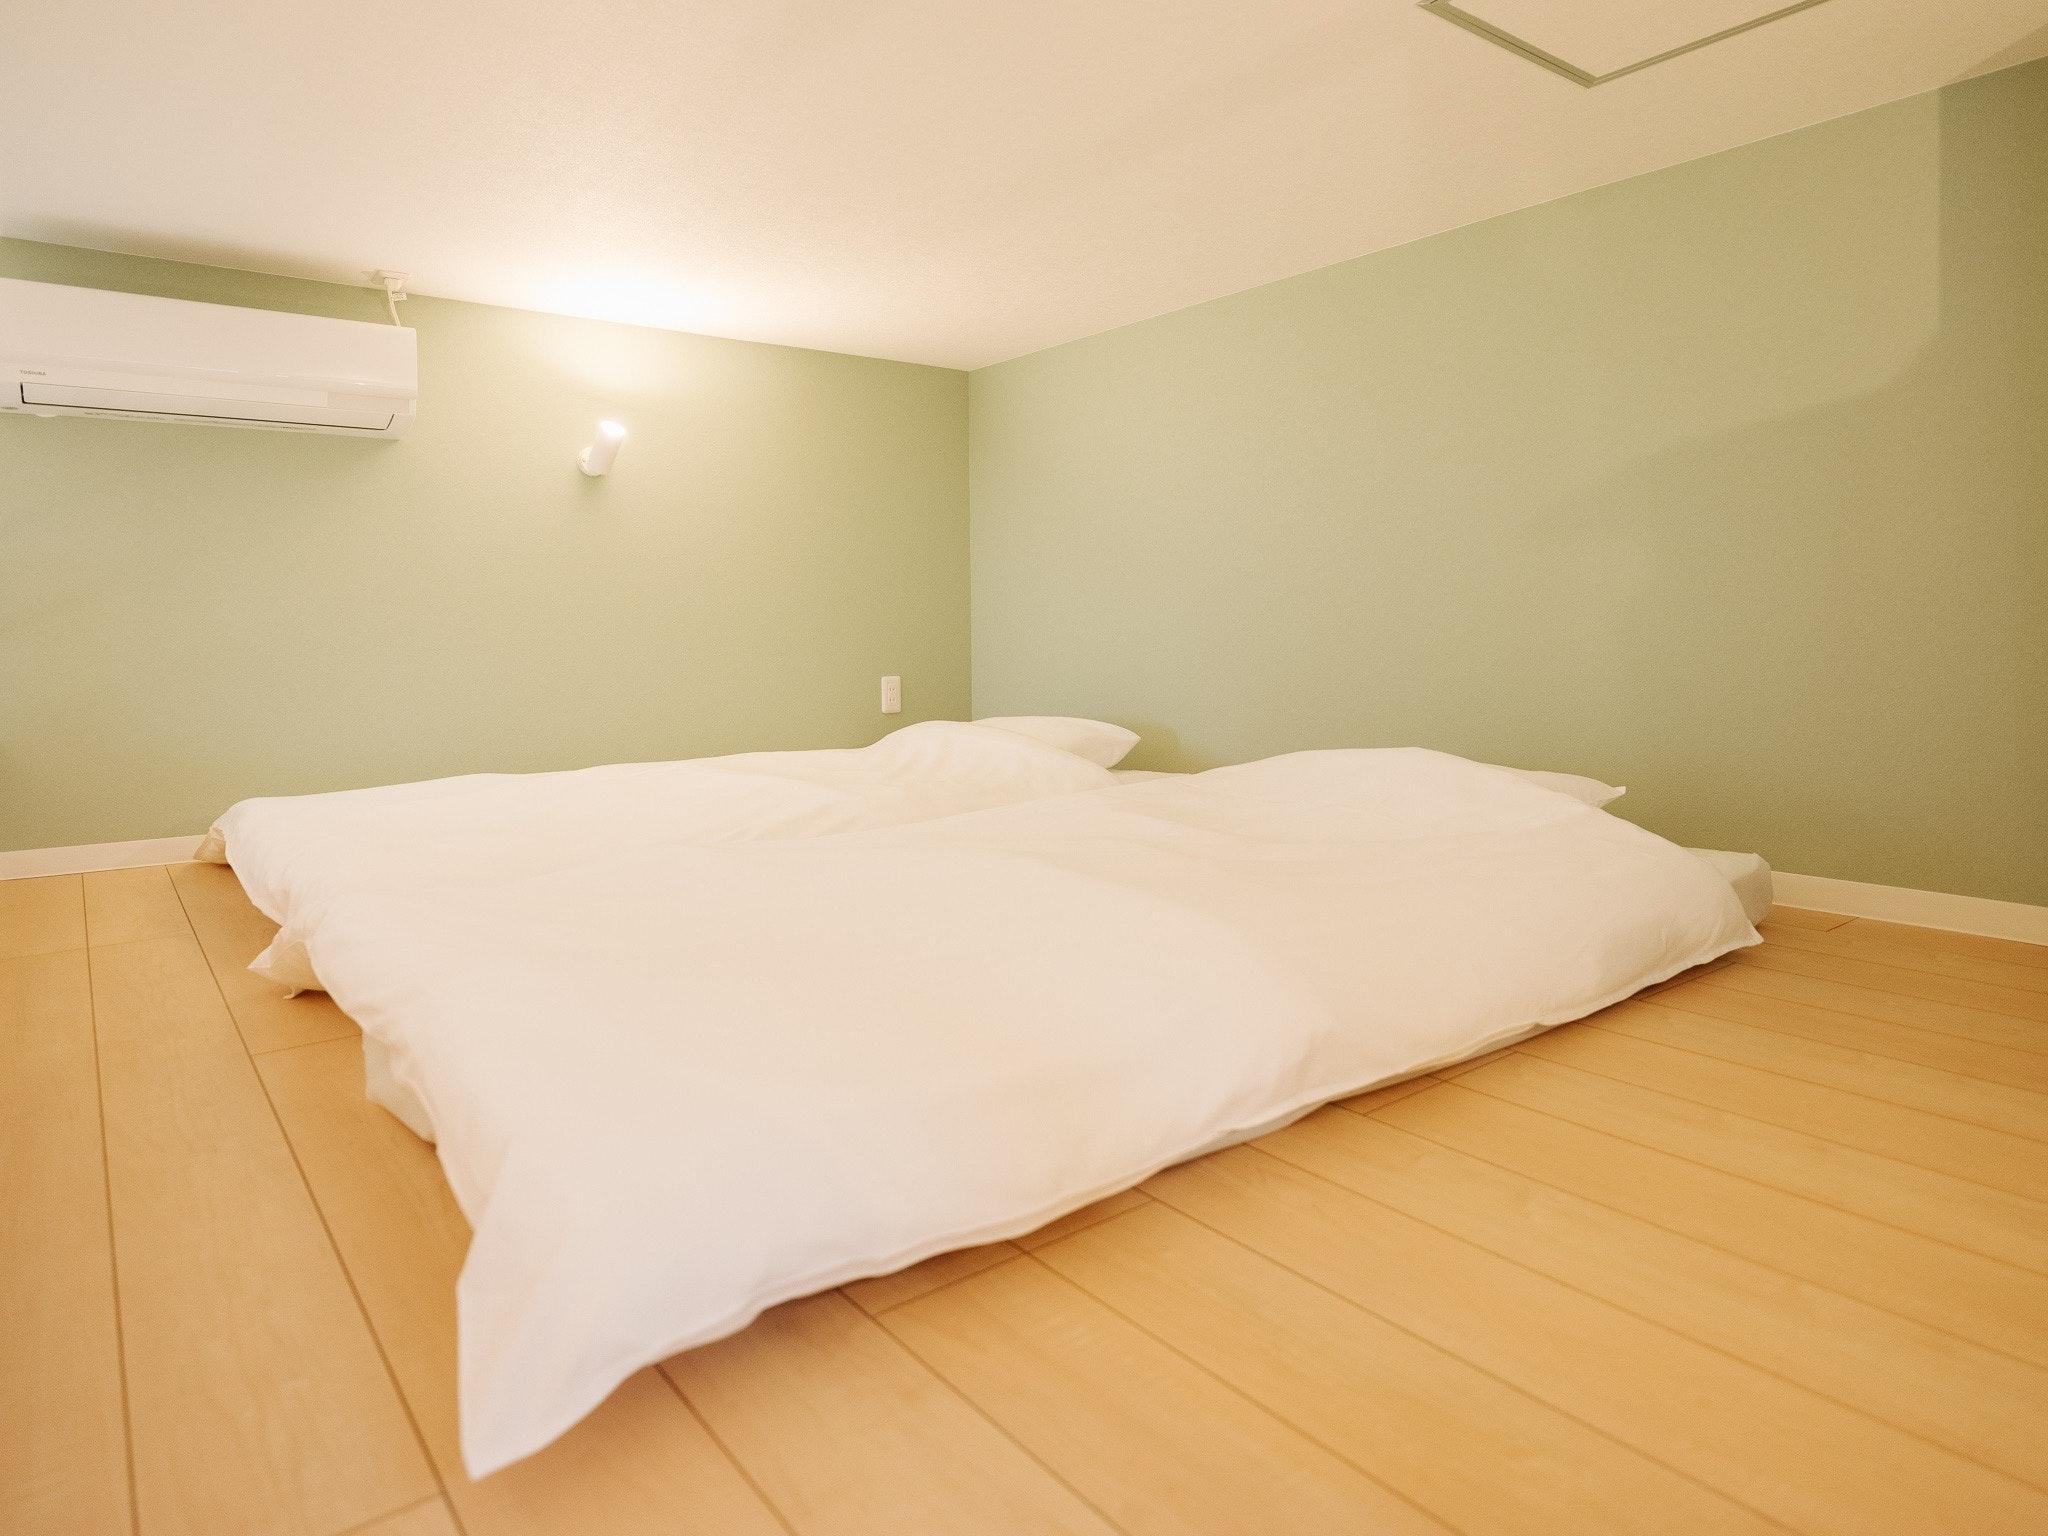 モダンスタイルのロフトが広いお部屋で気分転換【REQRASサクラマチ202】